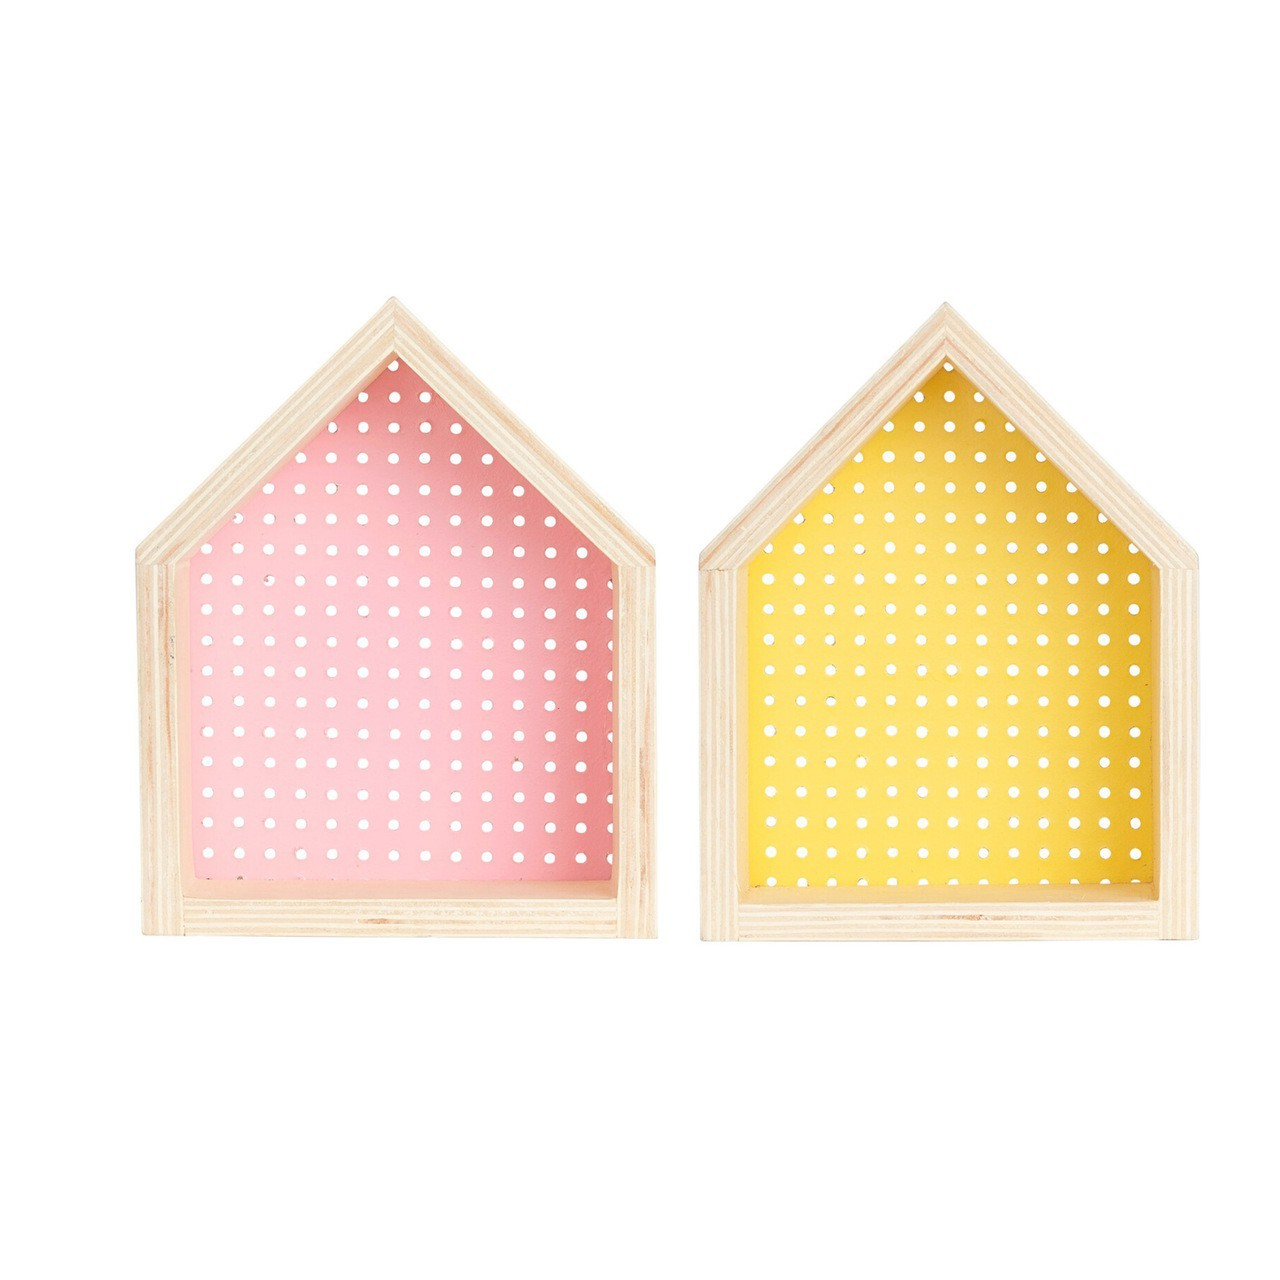 Kit Nicho Casinha perfurado  decoração 26 x 10 x 20 cm cor amarelo e rosa